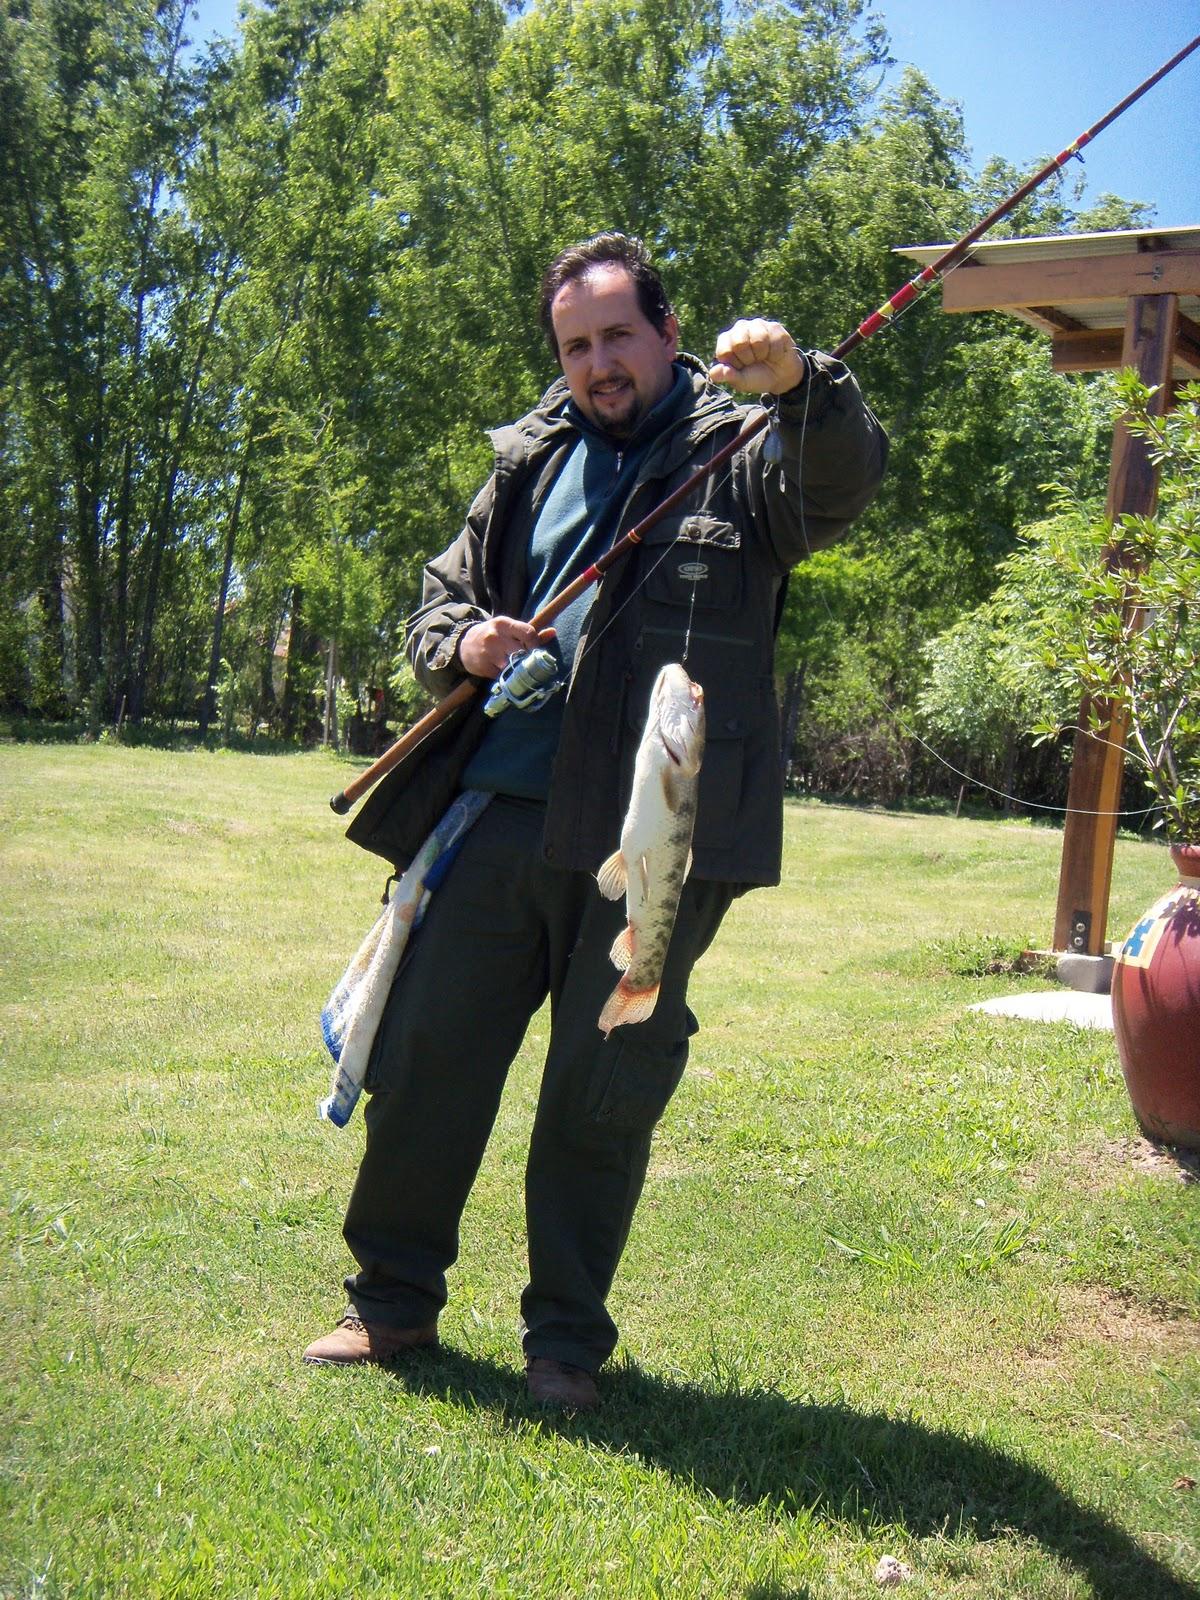 En que pica el siluro en el juego la pesca rusa